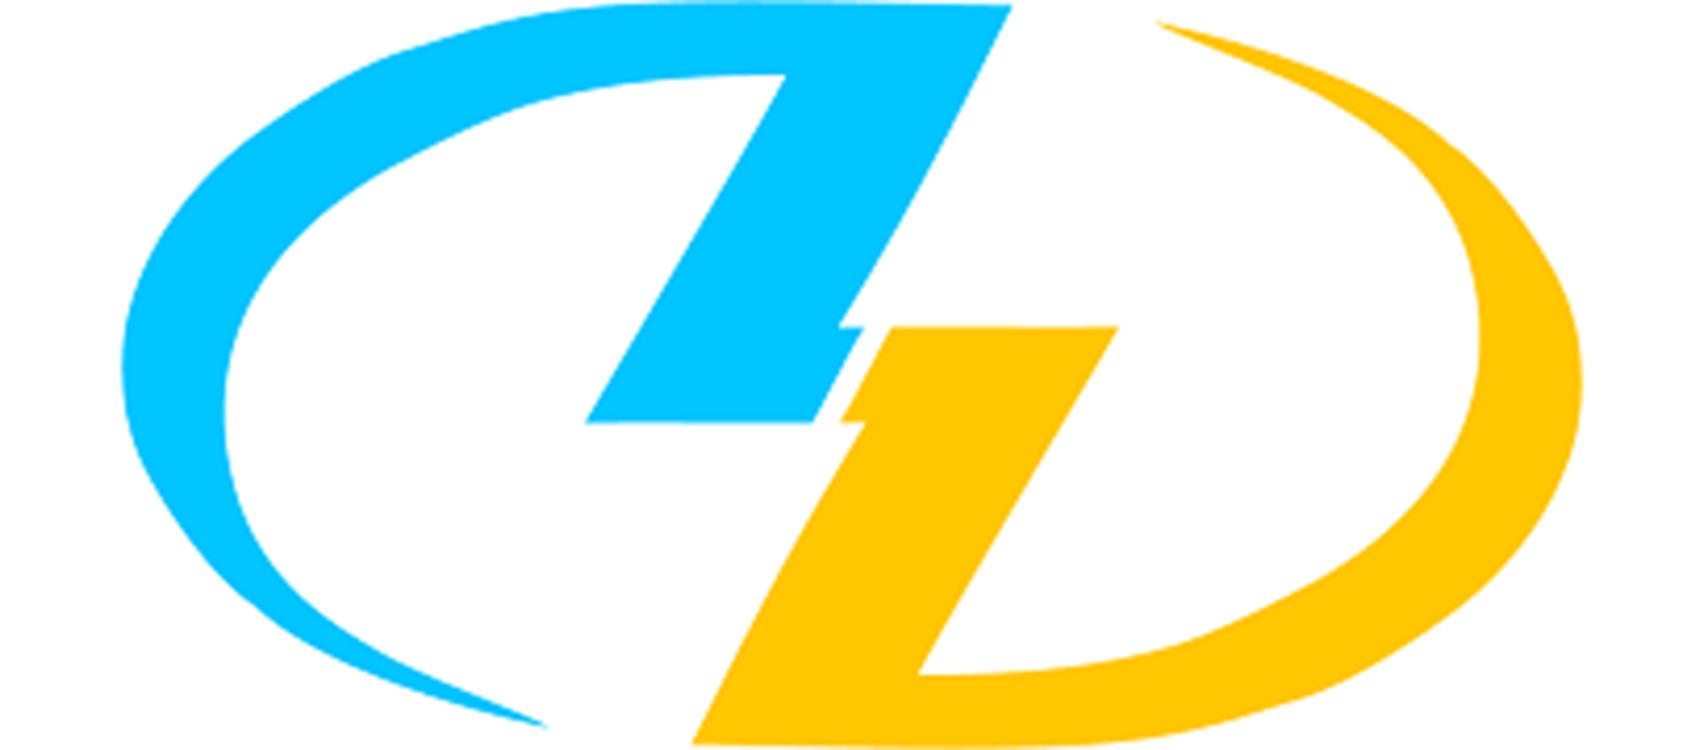 ПАТ «Запоріжжяобленерго» - Кам'янсько-Дніпровський РЕМ (до 31.12.2018)